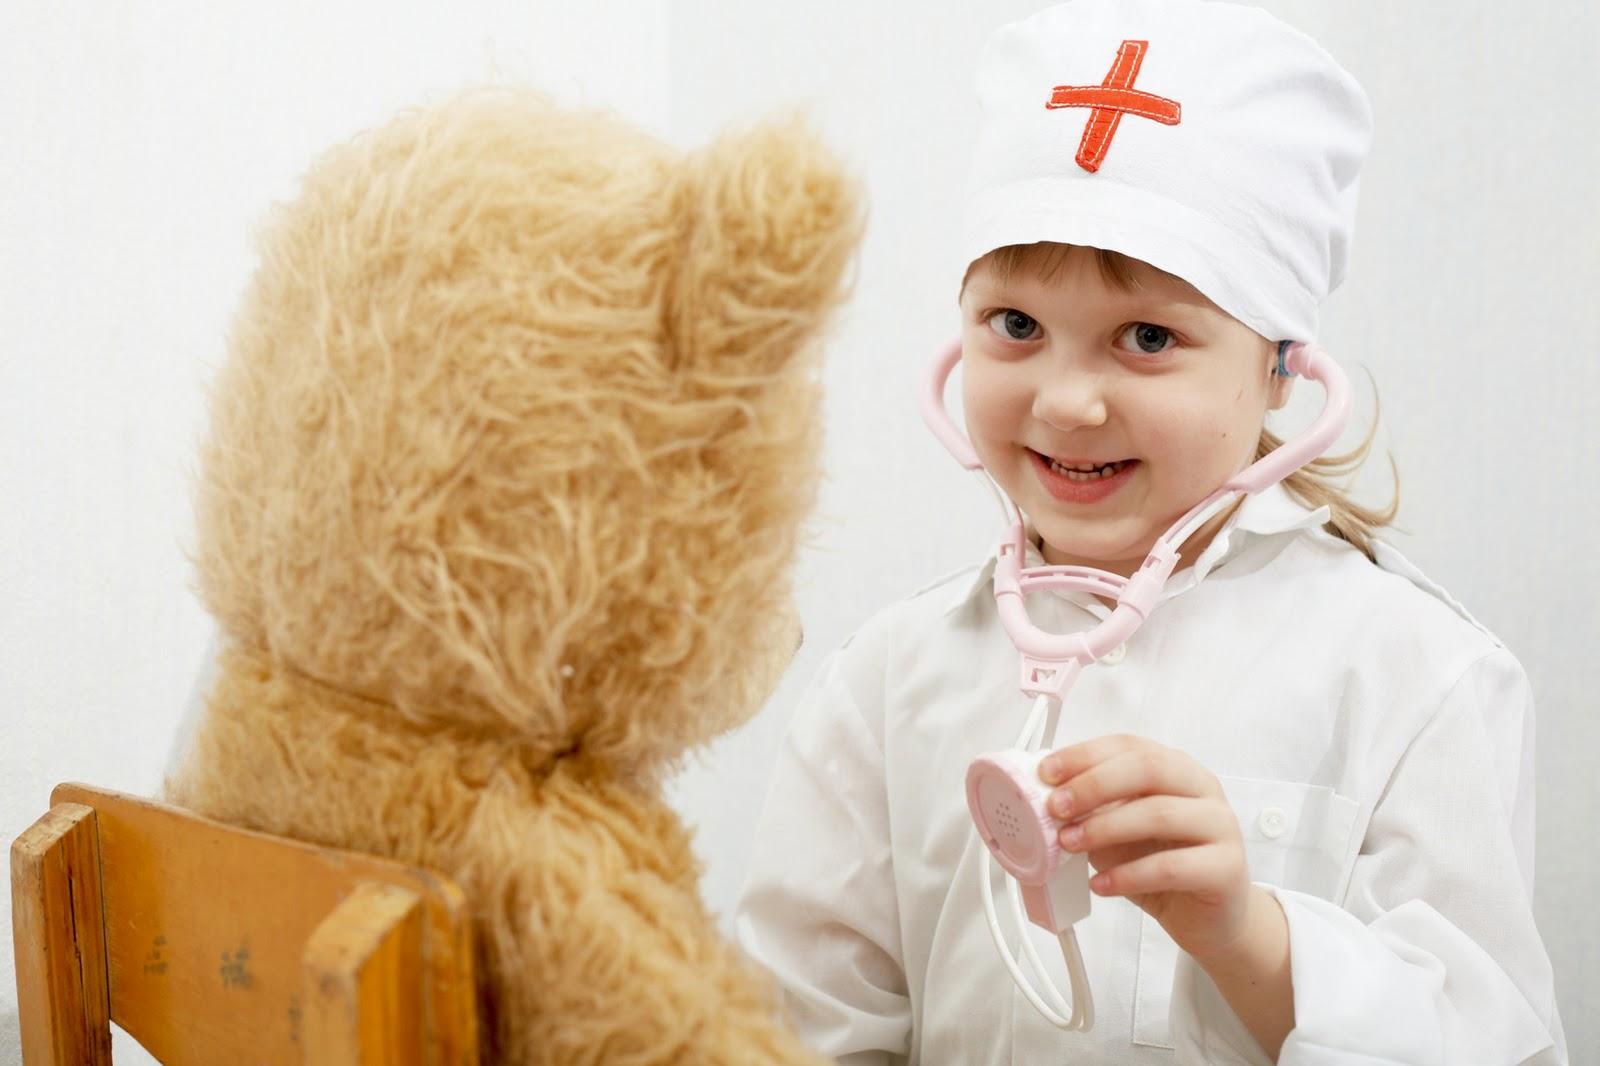 Смотреть врач рассматривает девочку 1 фотография